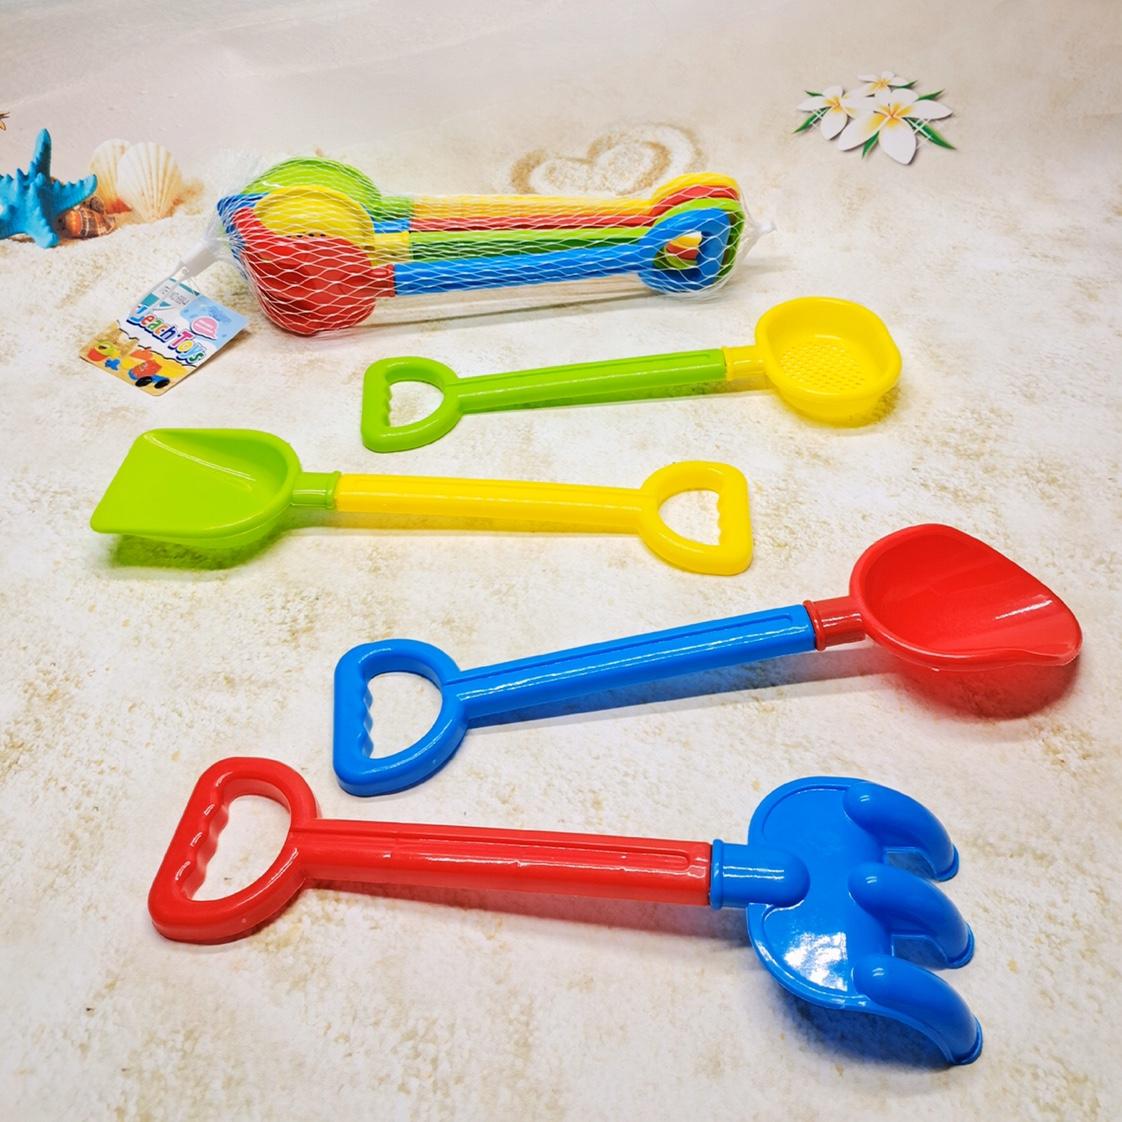 儿童沙滩玩具套装宝宝戏水玩沙男孩大号沙漏挖沙铲子桶工具决明子688-4